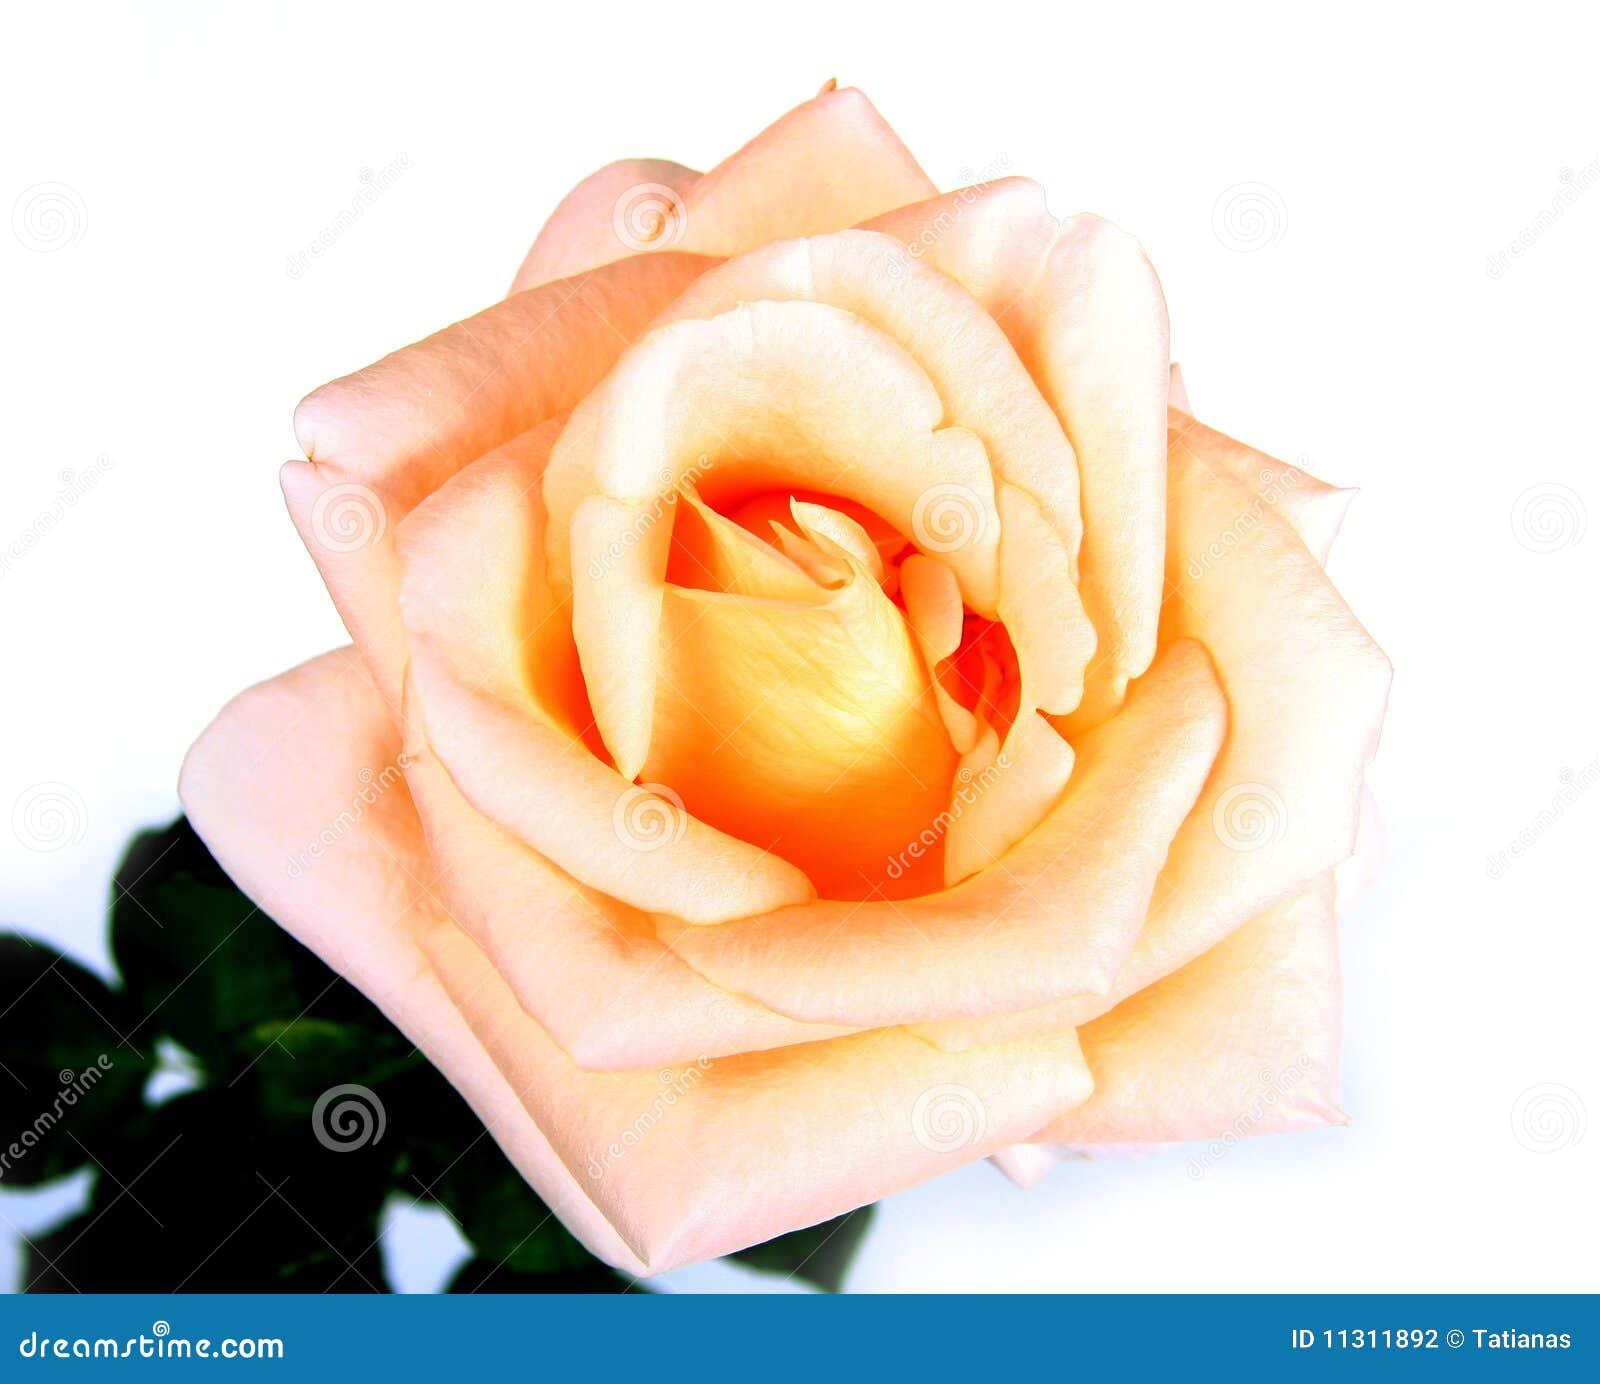 Rose auf Weiß.